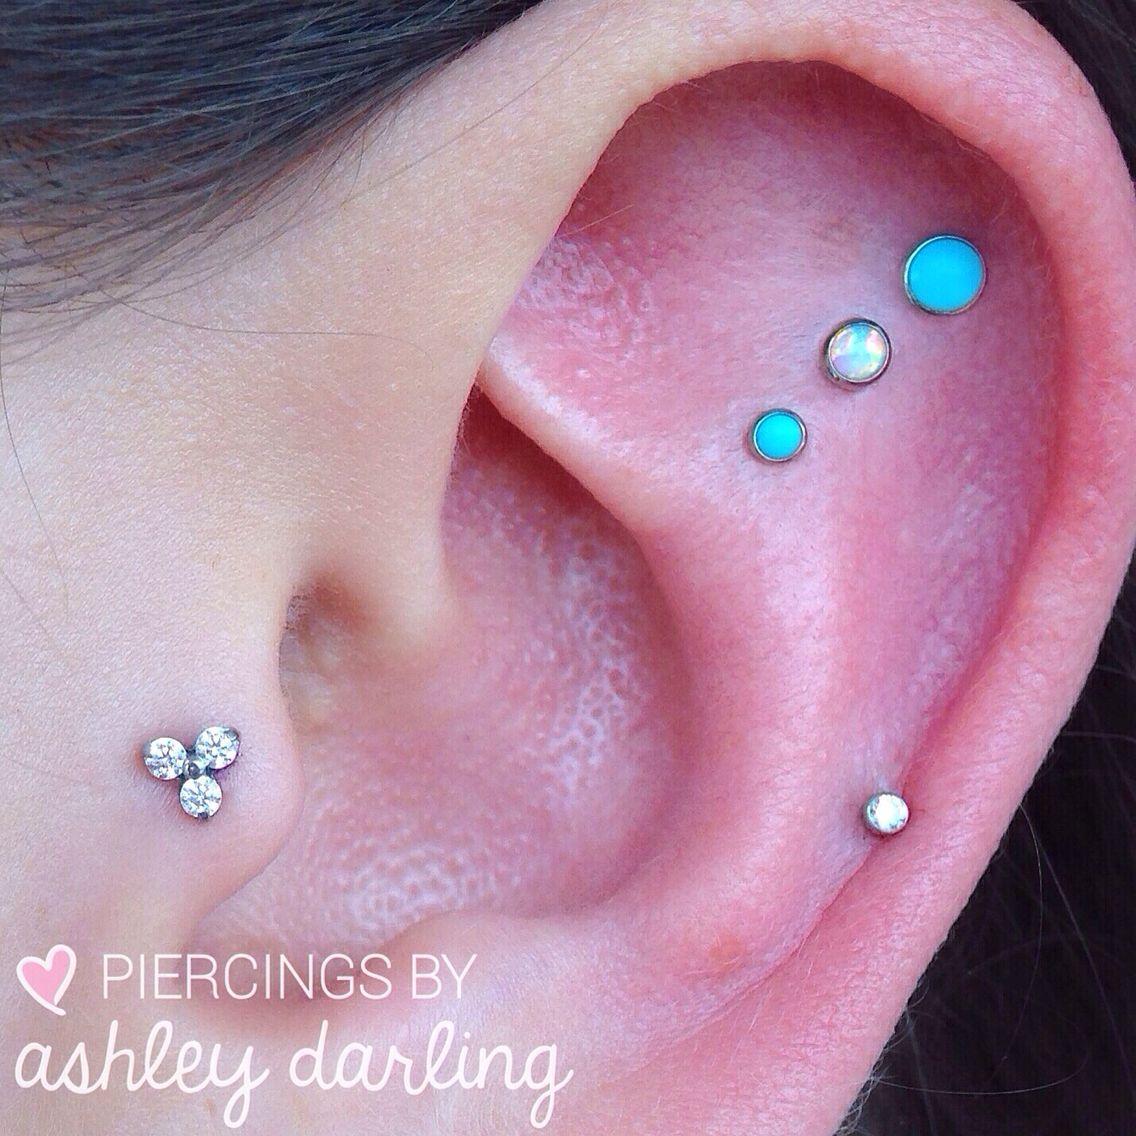 Body piercing areas  ashley darling ashleydarlingxo on Pinterest